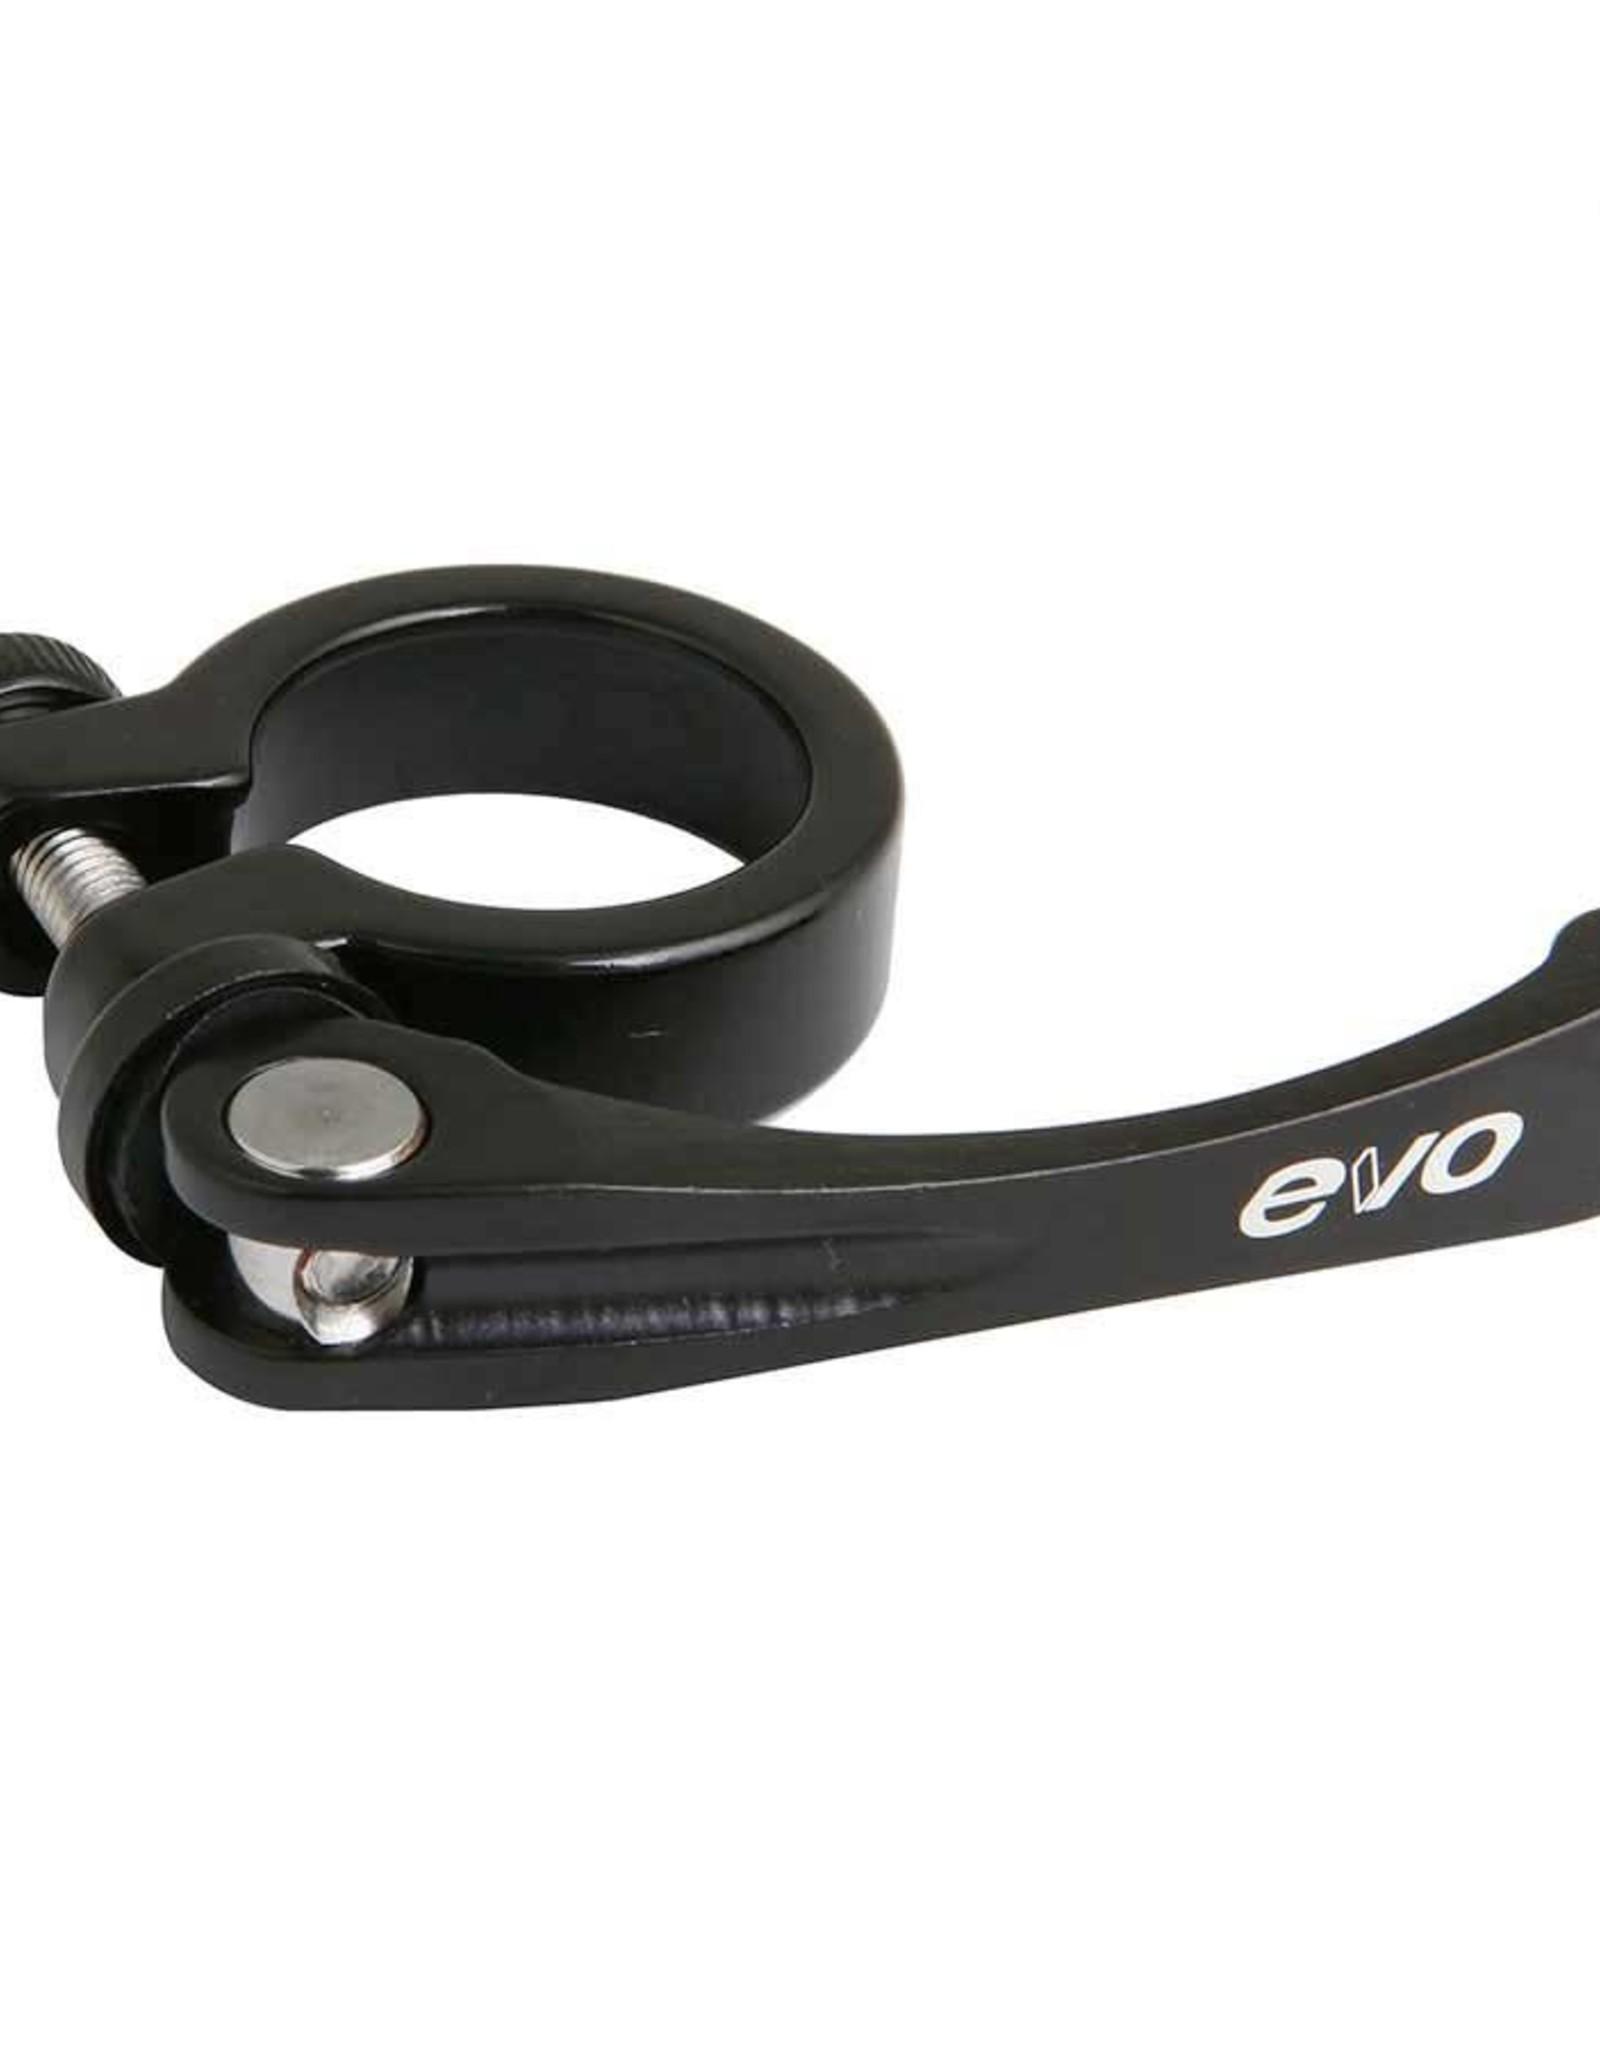 EVO EVO, E-Force XL, Collet de tige de selle, 34.9mm, Noir